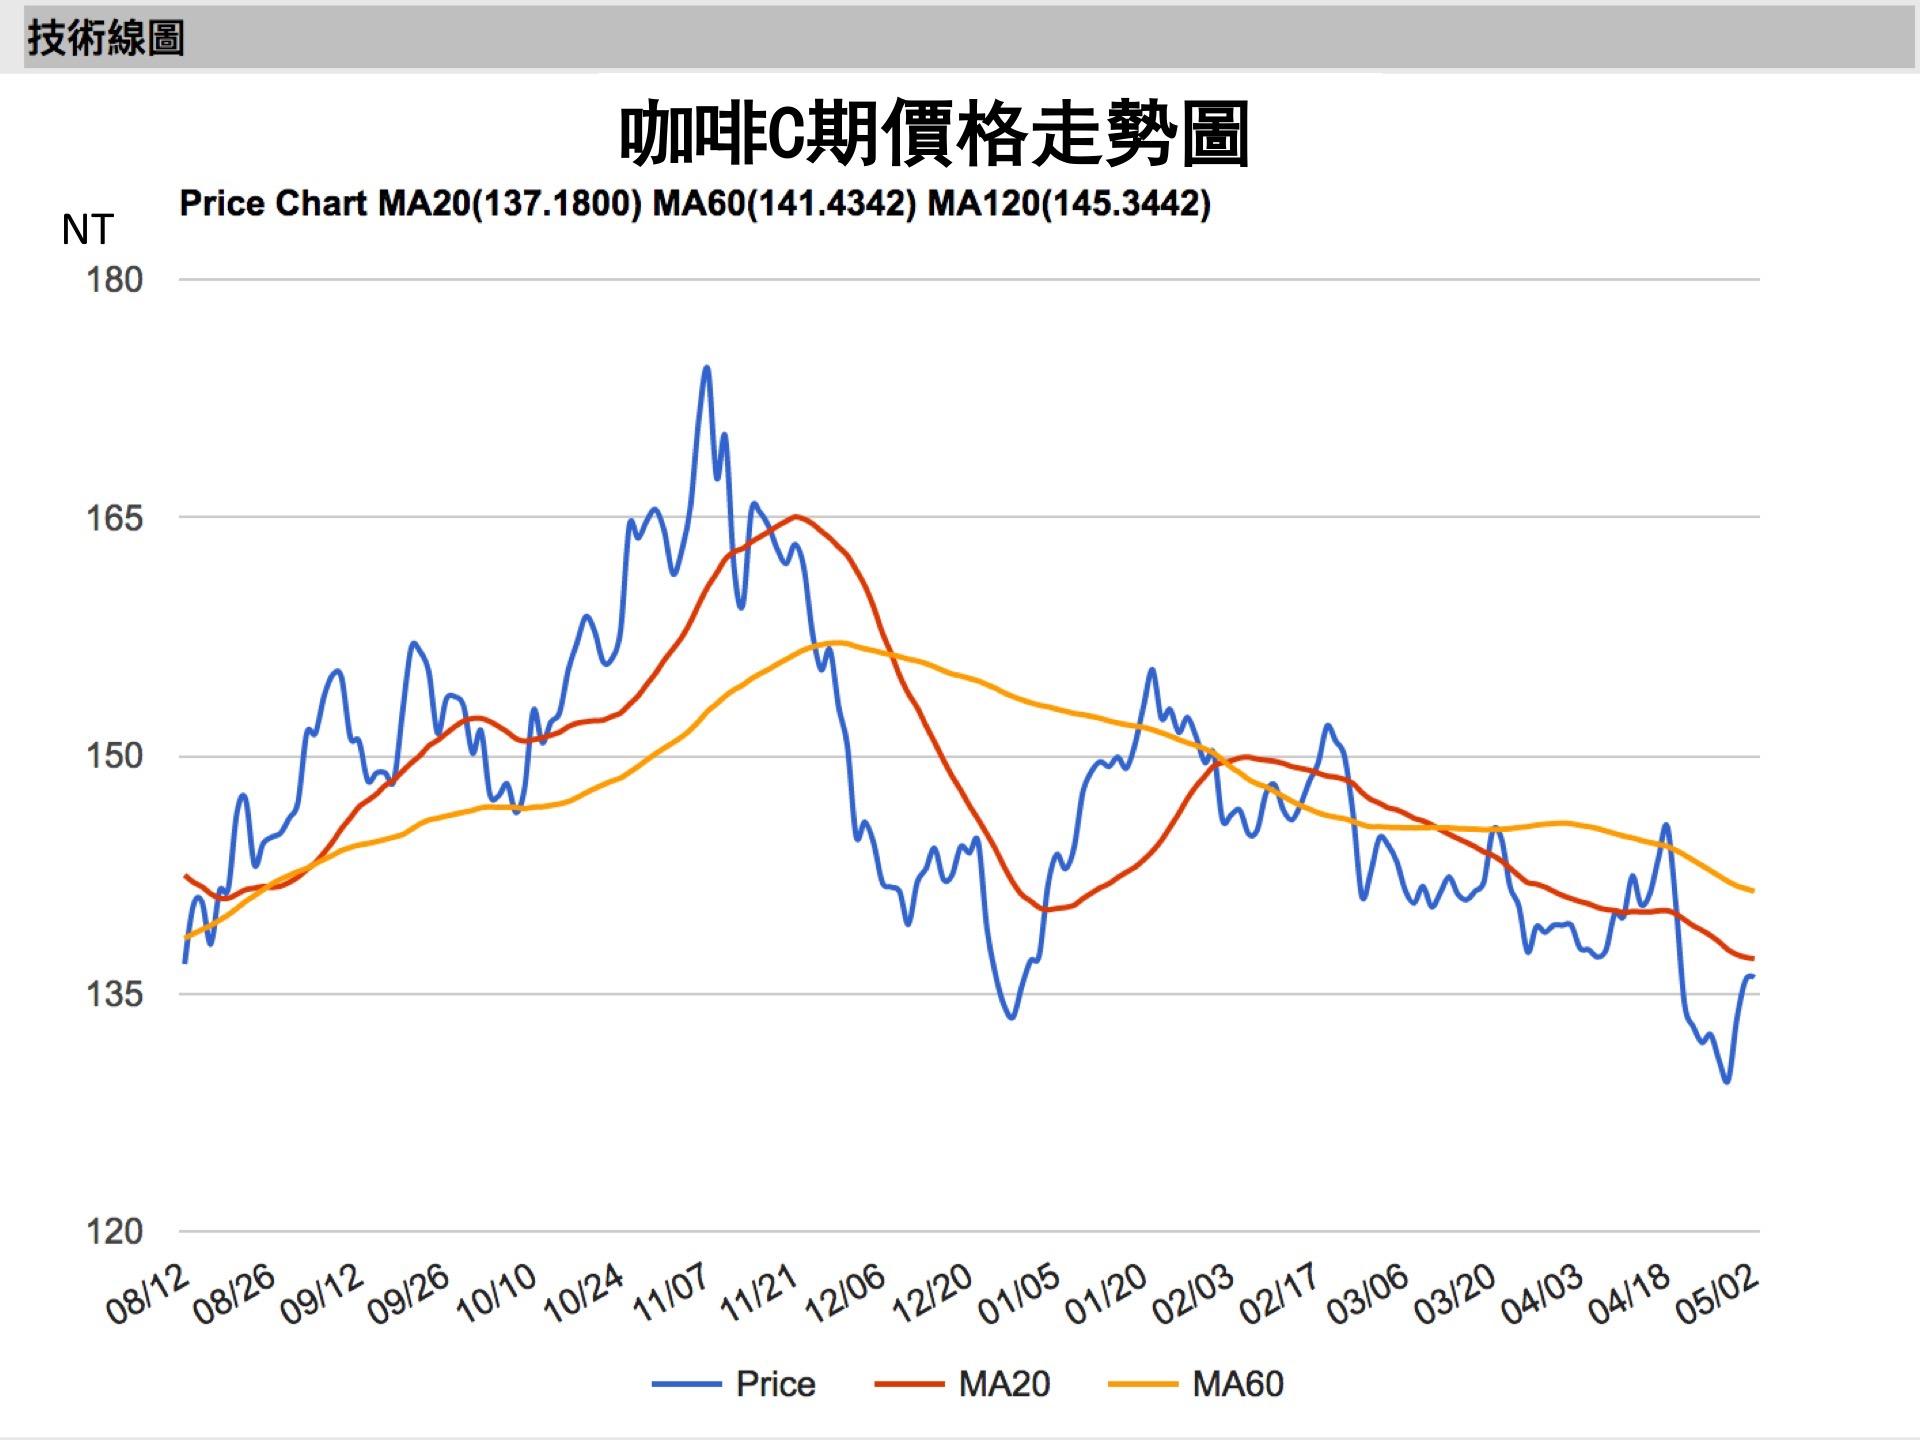 星巴克對外宣布調漲時,原物料(咖啡豆)價格並沒有上漲